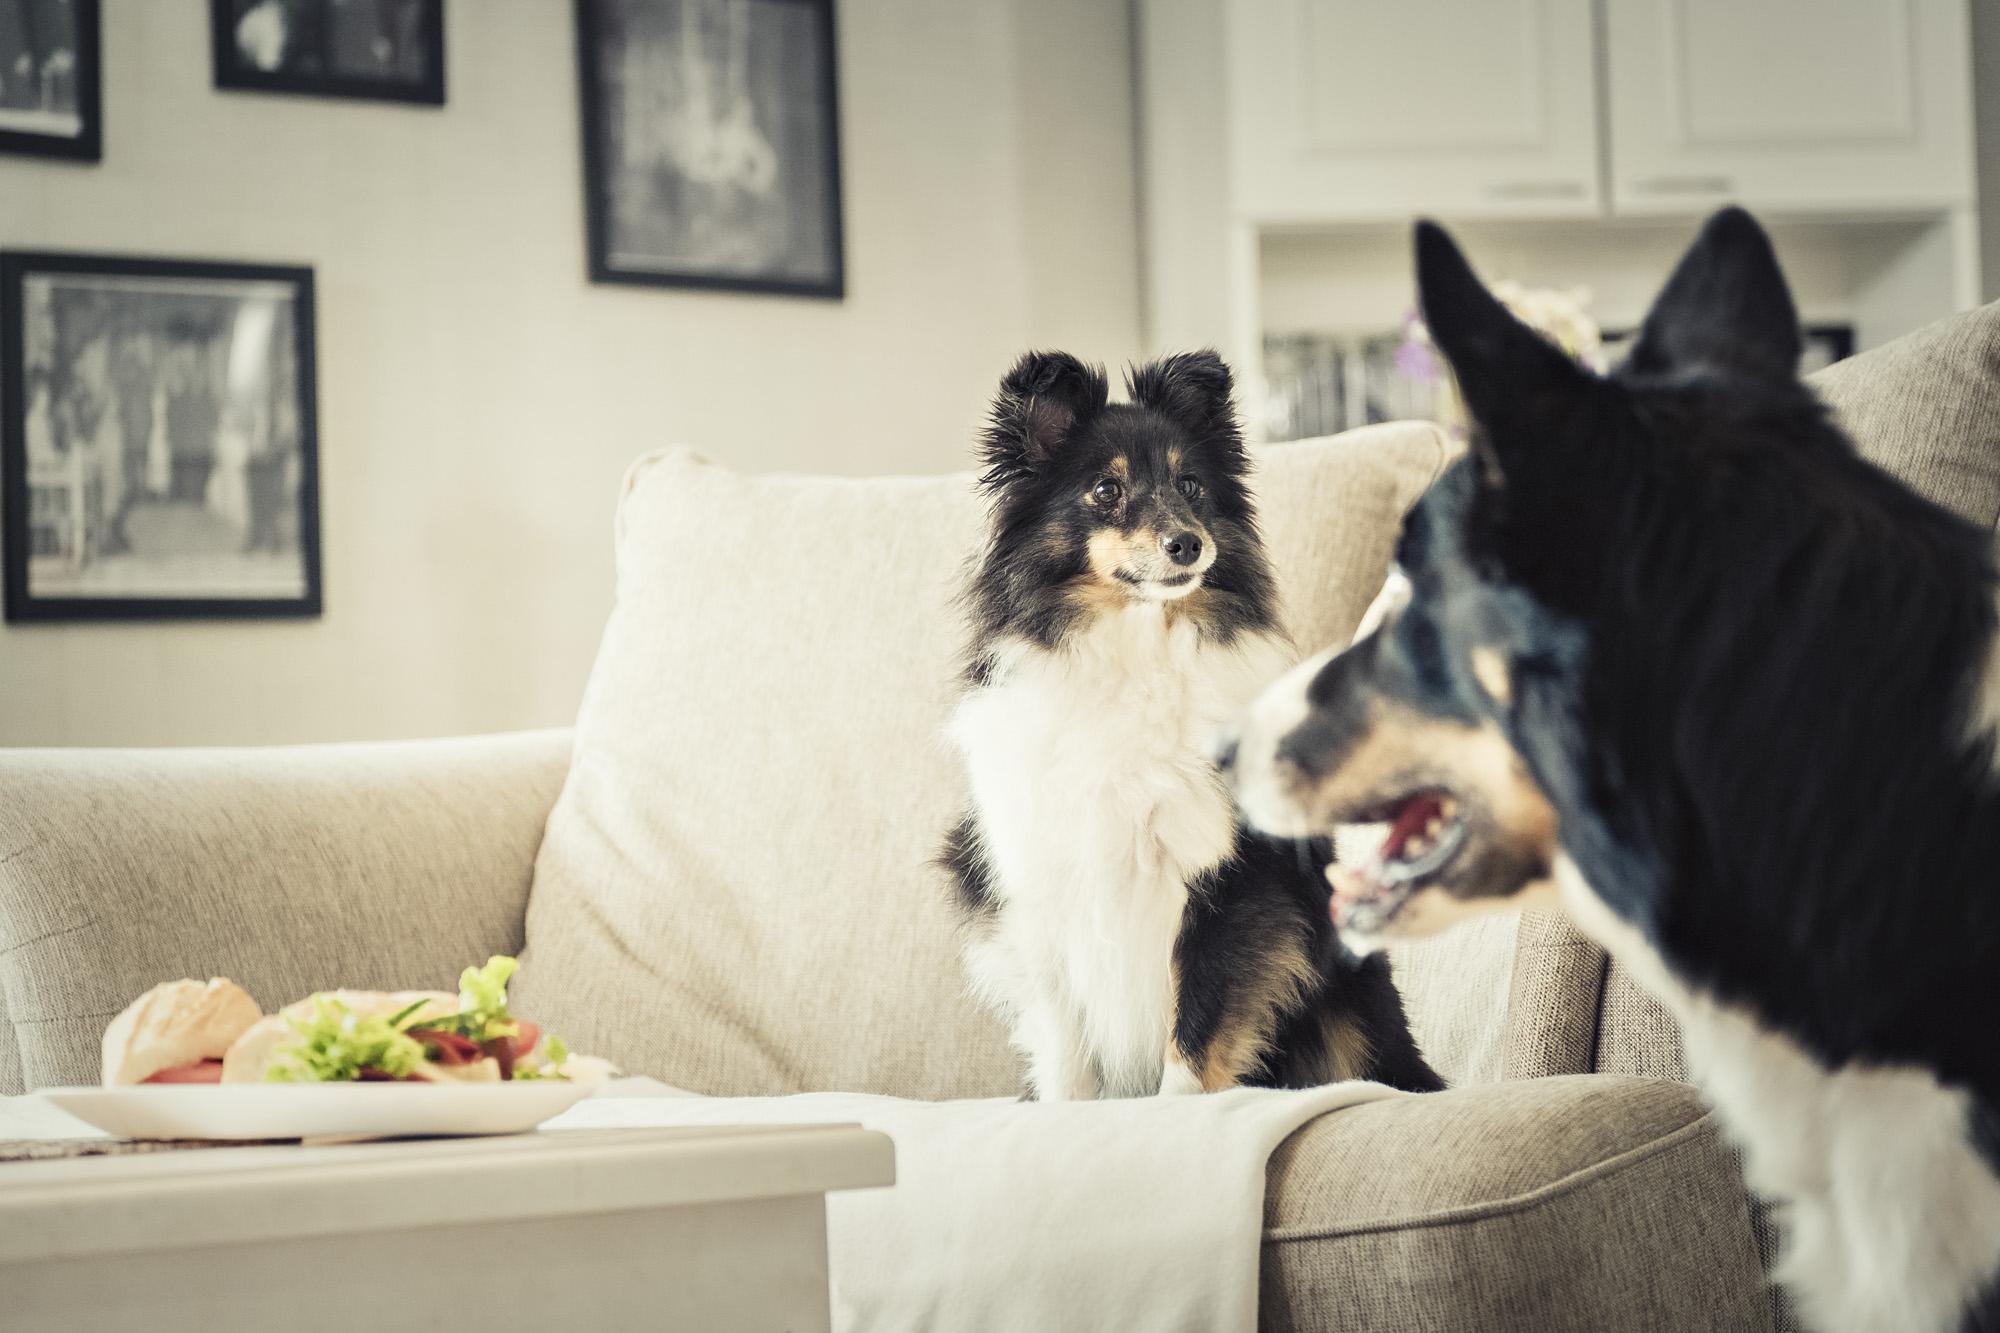 Kaksi koiraa katsoo pöydällä olevaa voileipää